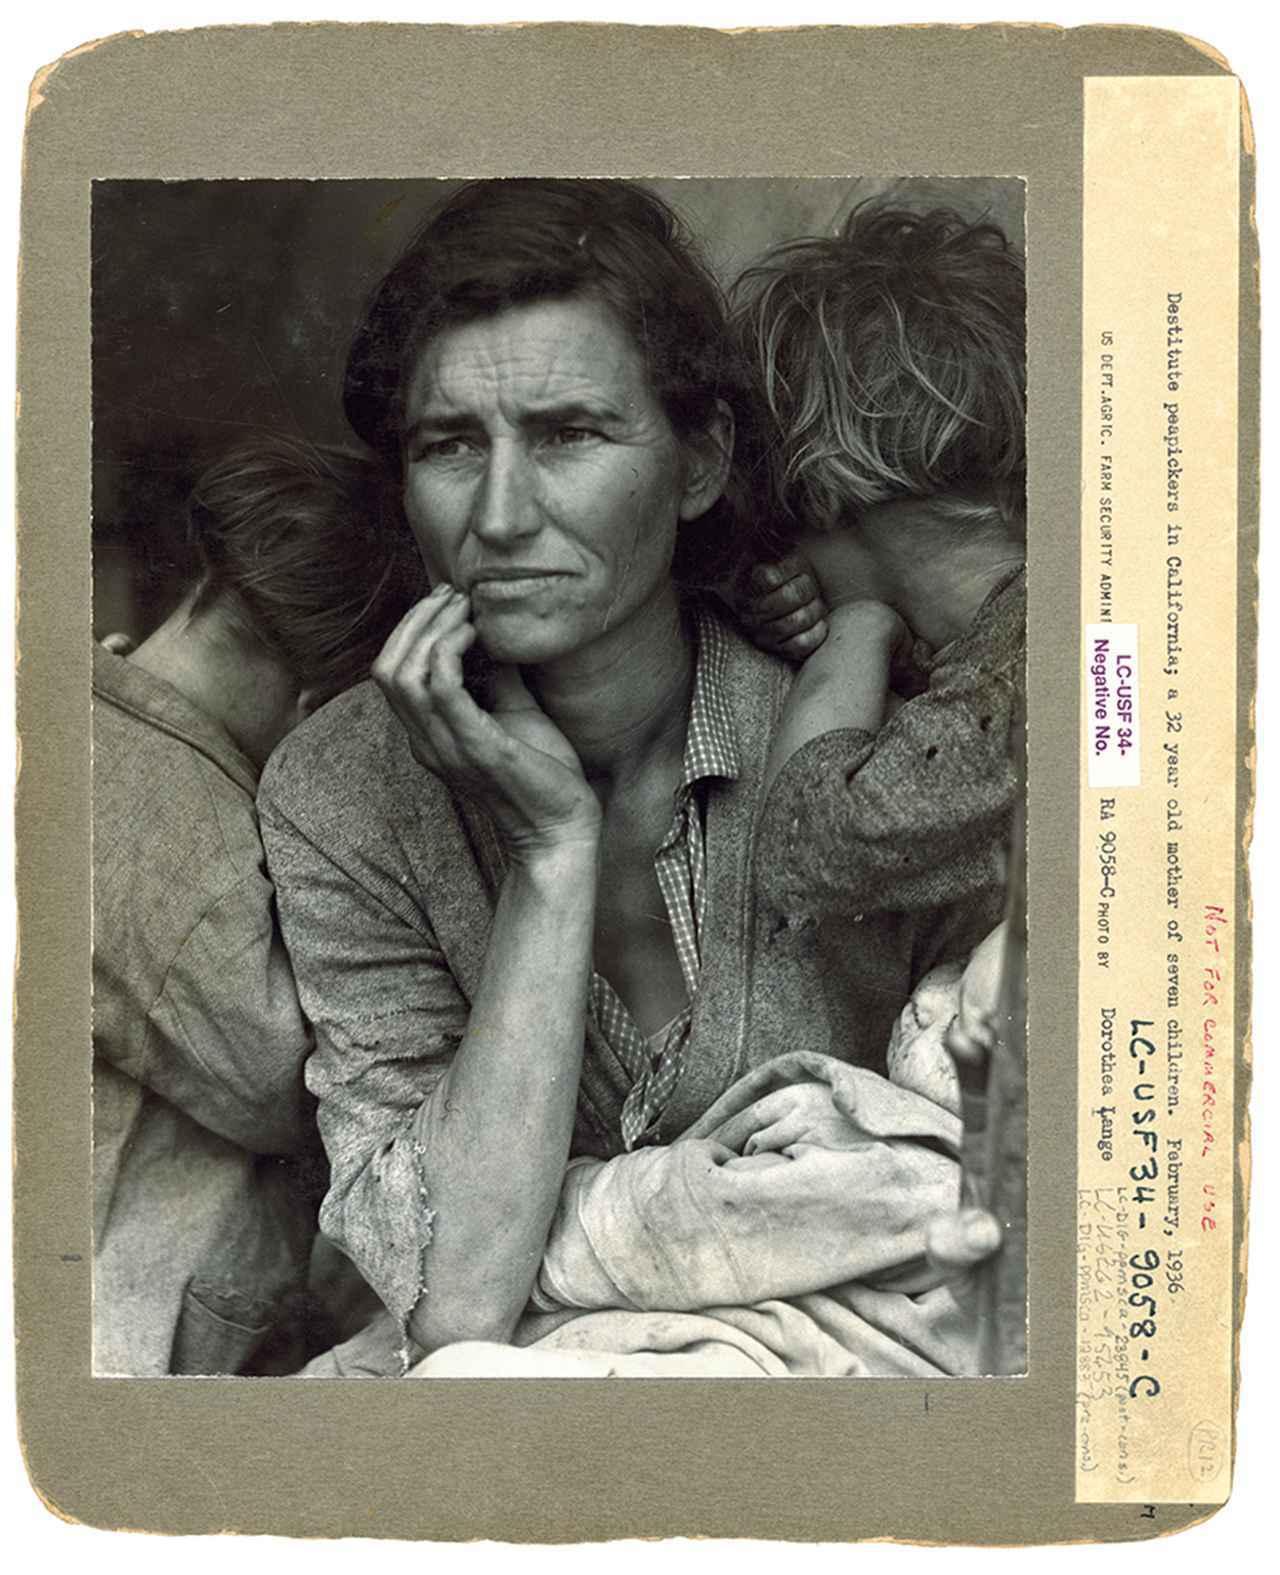 """画像: 米国議会図書館所蔵、ドロシア・ラング撮影《出稼ぎ労働者の母》(1936年)のファイルカード。彼女の全作品の中で圧倒的に有名な写真 DOROTHEA LANGE, """"DESTITUTE PEAPICKERS IN CALIFORNIA; A 32 YEAR OLD MOTHER OF SEVEN CHILDREN. FEBRUARY 1936 [SIC],"""" LIBRARY OF CONGRESS FILE CARD, CIRCA 1936. FARM SECURITY ADMINISTRATION–OFFICE OF WAR INFORMATION COLLECTION, LIBRARY OF CONGRESS, WASHINGTON, D.C."""